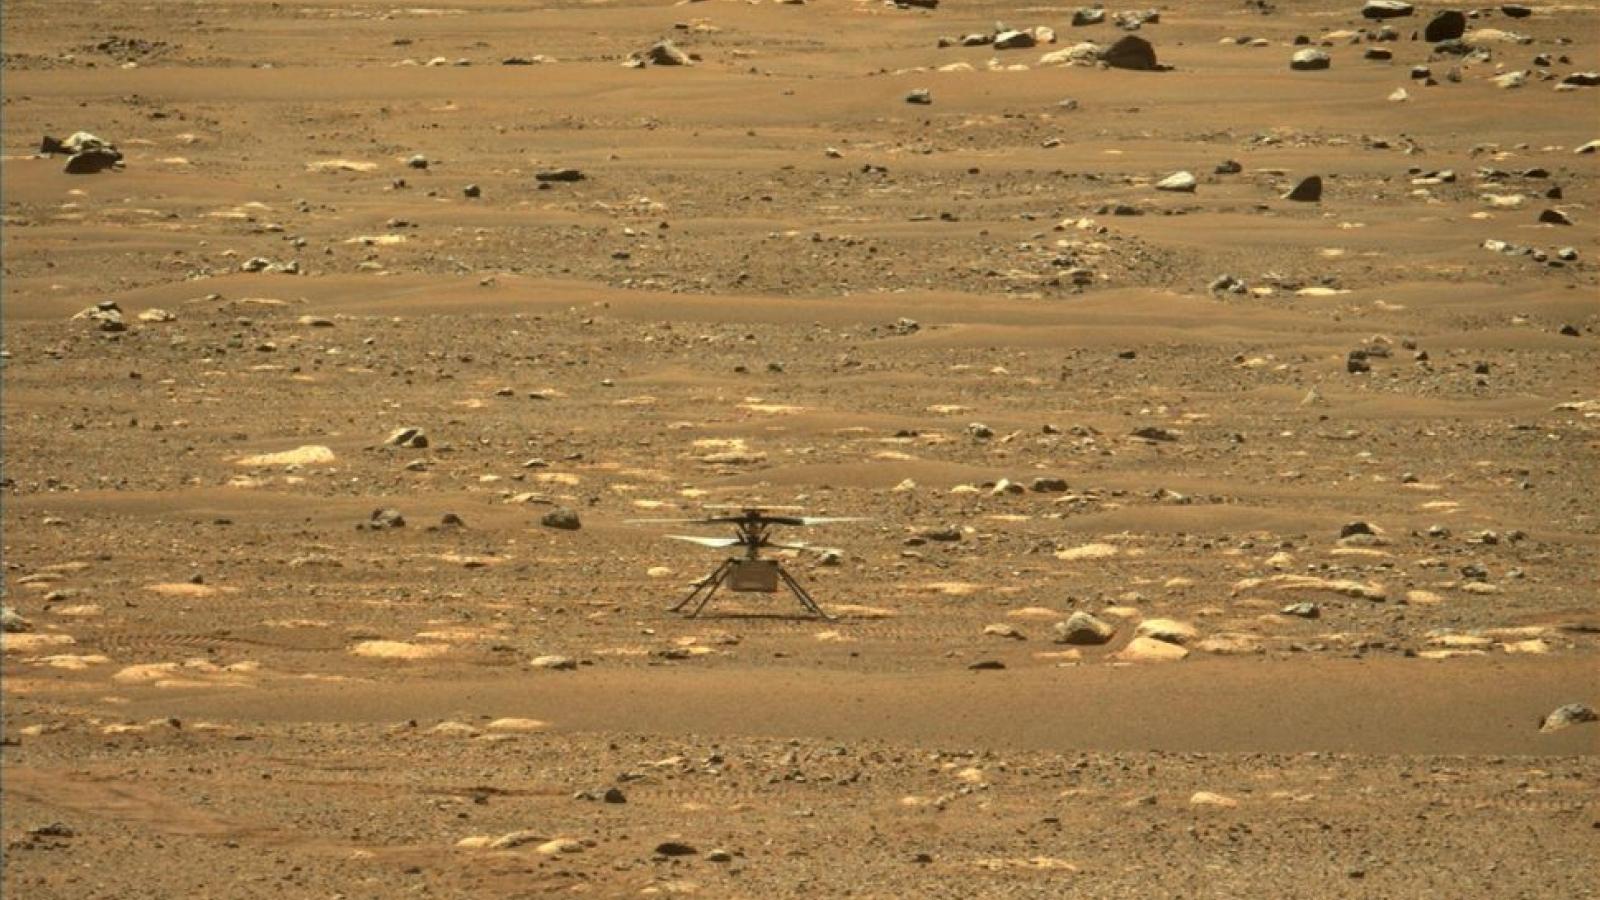 NASA thực hiện chuyến bay trực thăng đầu tiên trên sao Hỏa